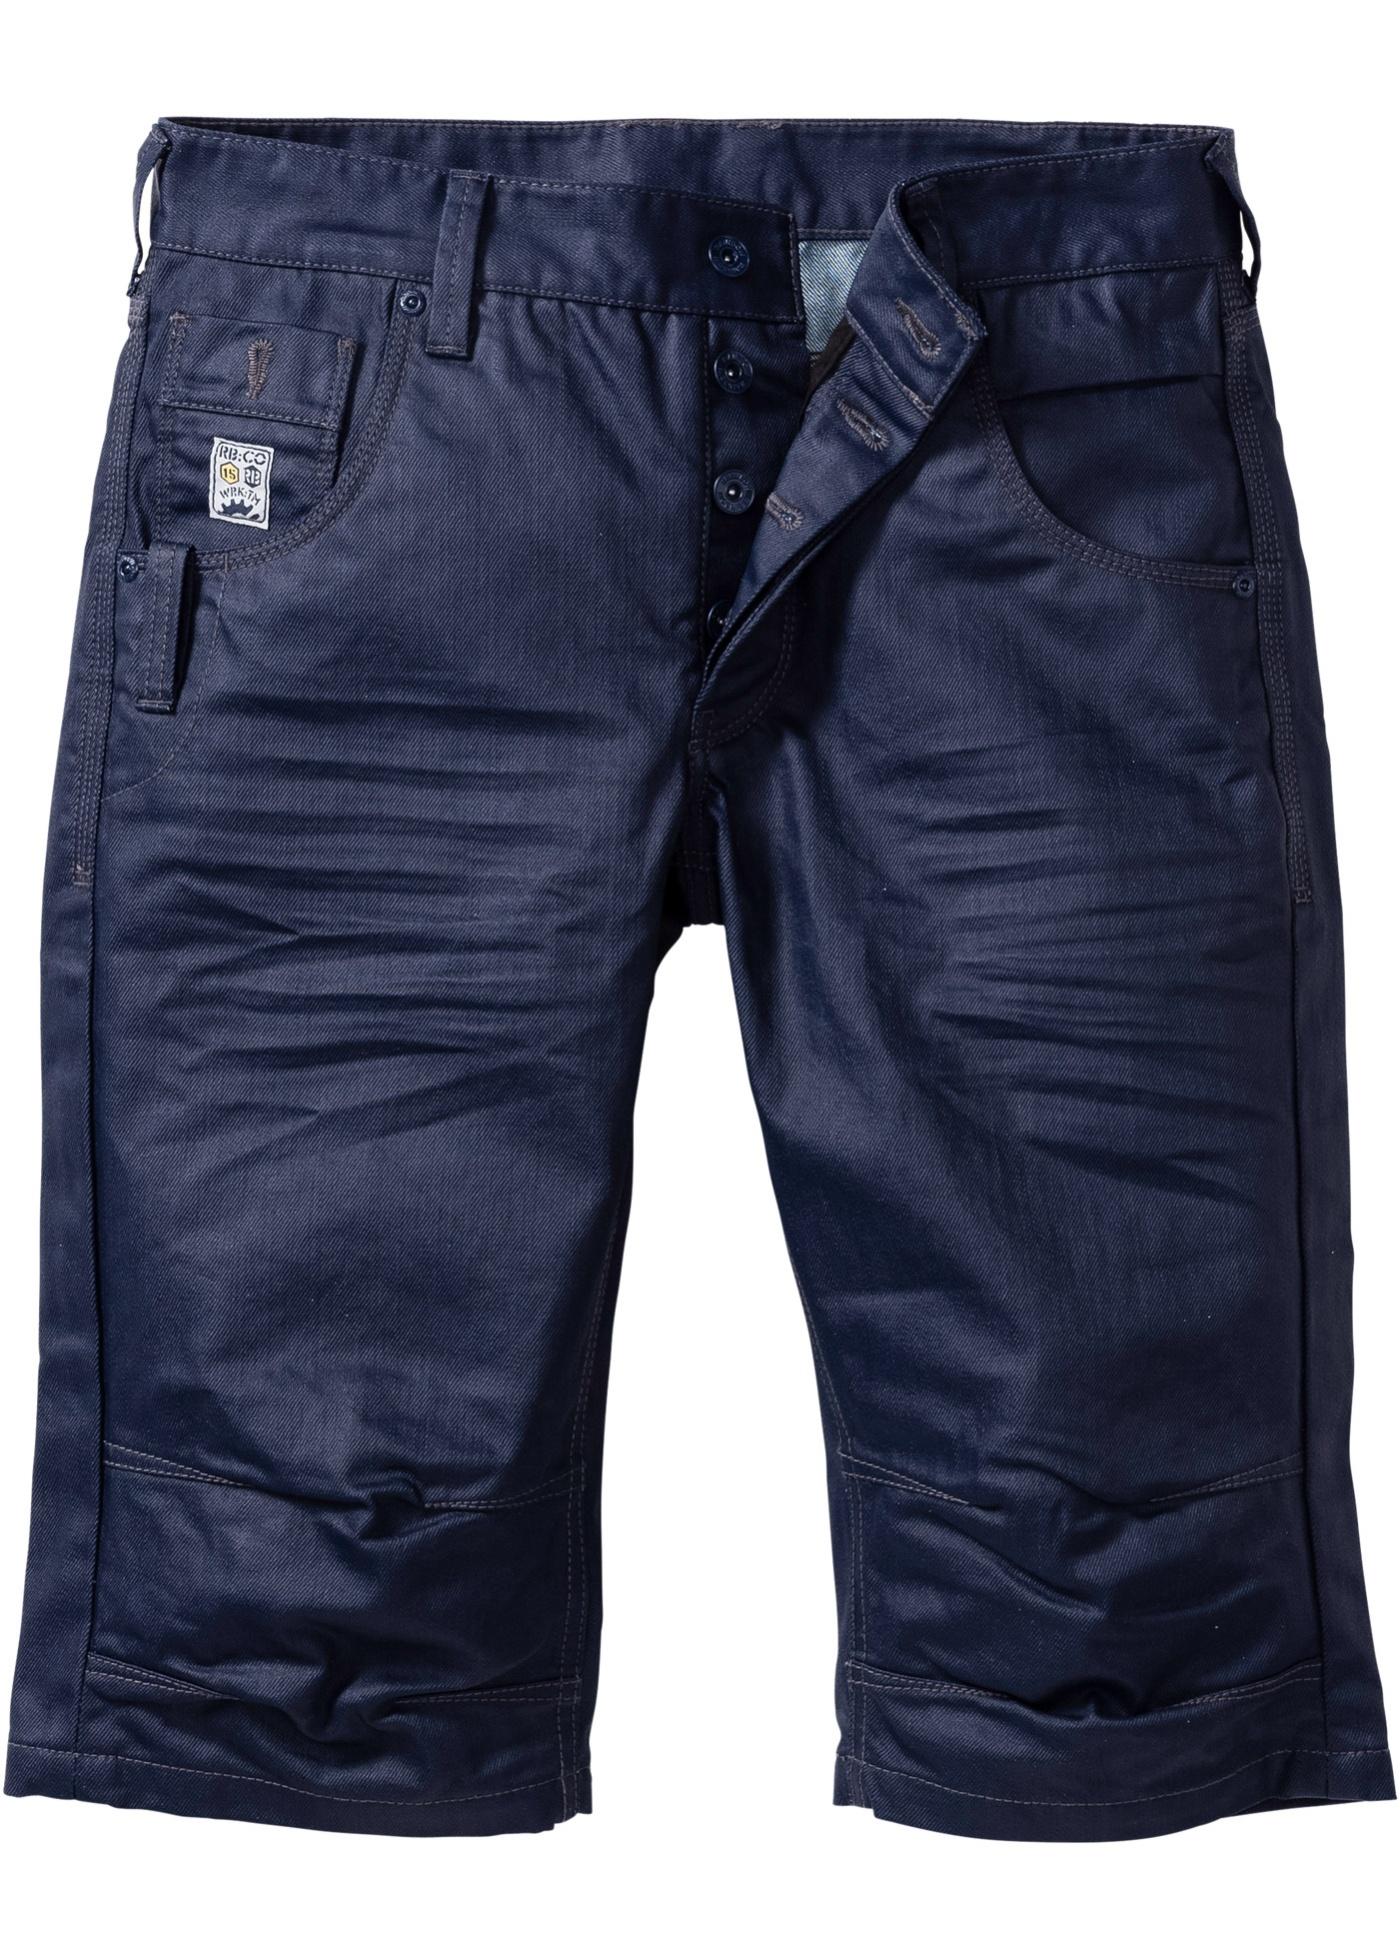 Bermuda di jeans lungo lo